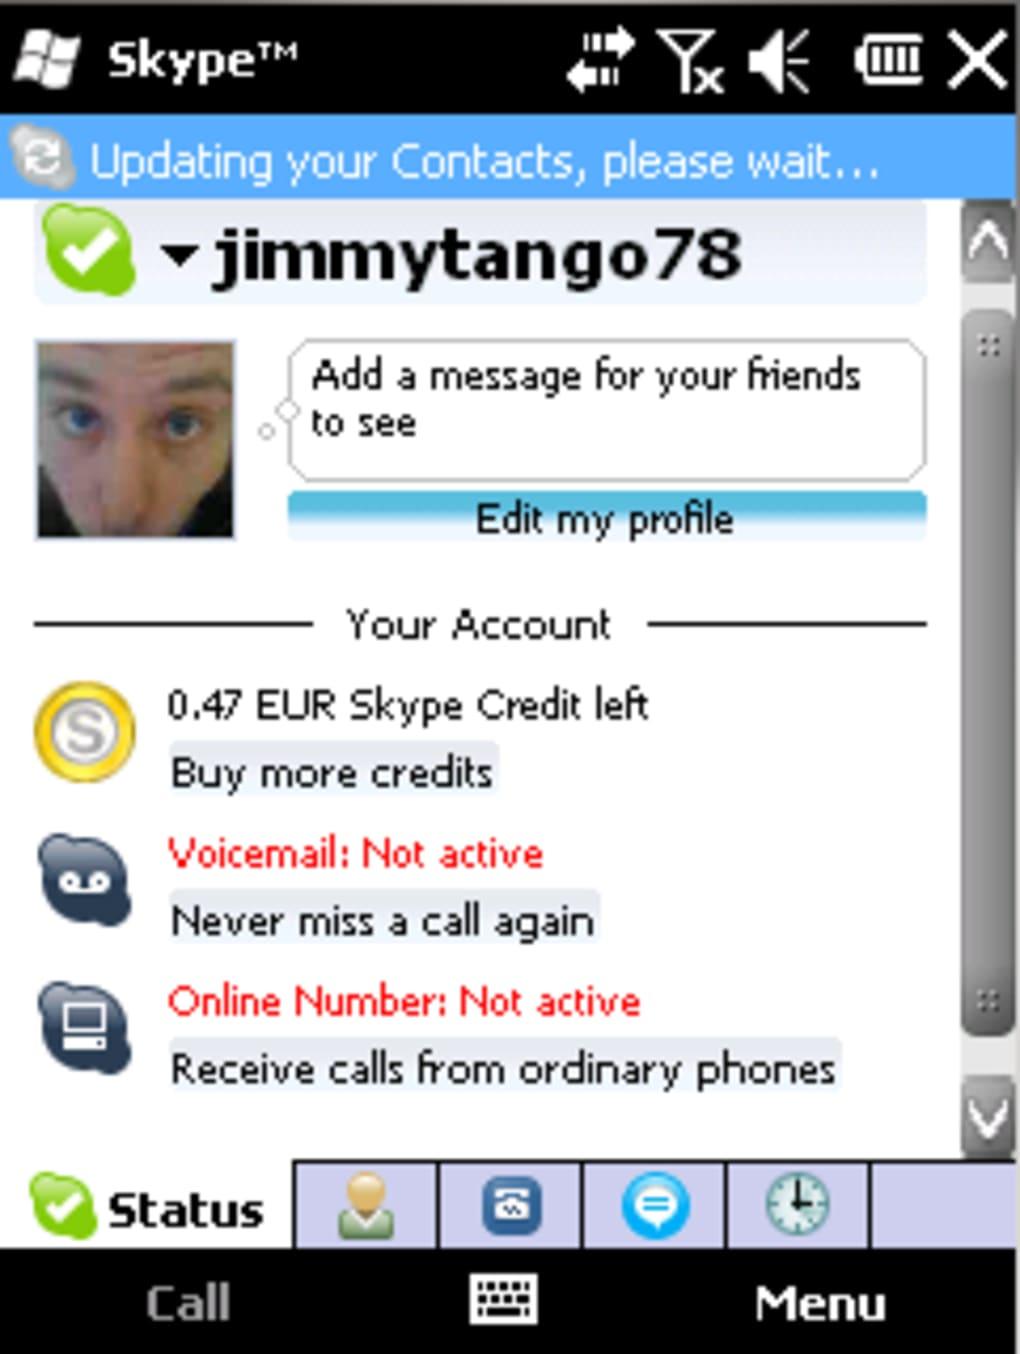 skype pour samsung i900 omnia